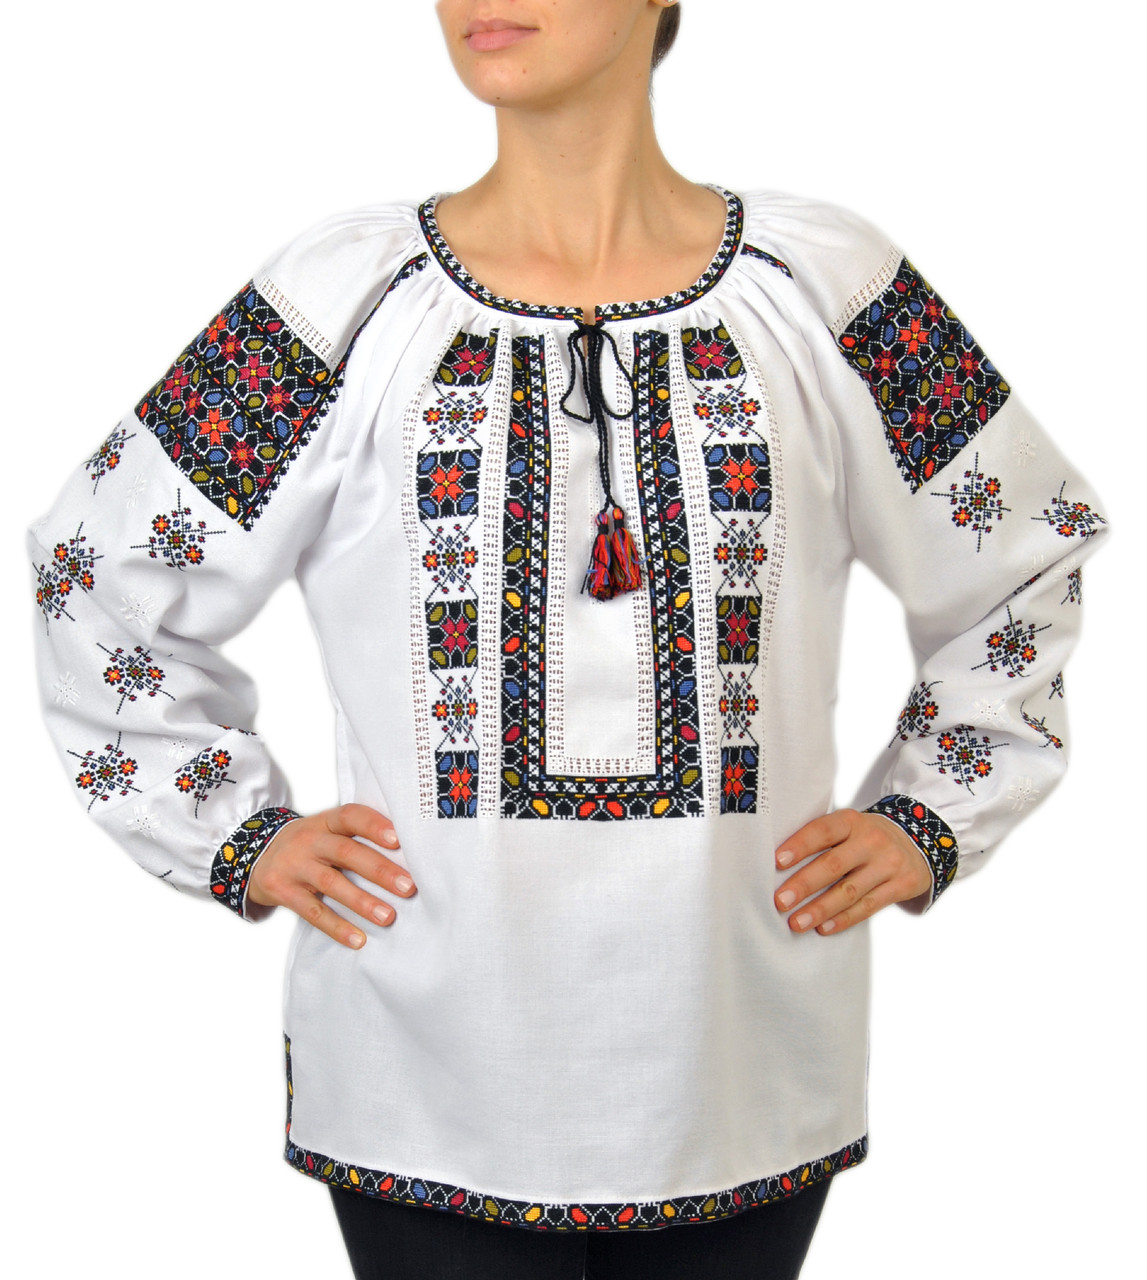 Жіноча оригінальна вишита блузка ручної роботи   продажа eba5e8e2bb2fc